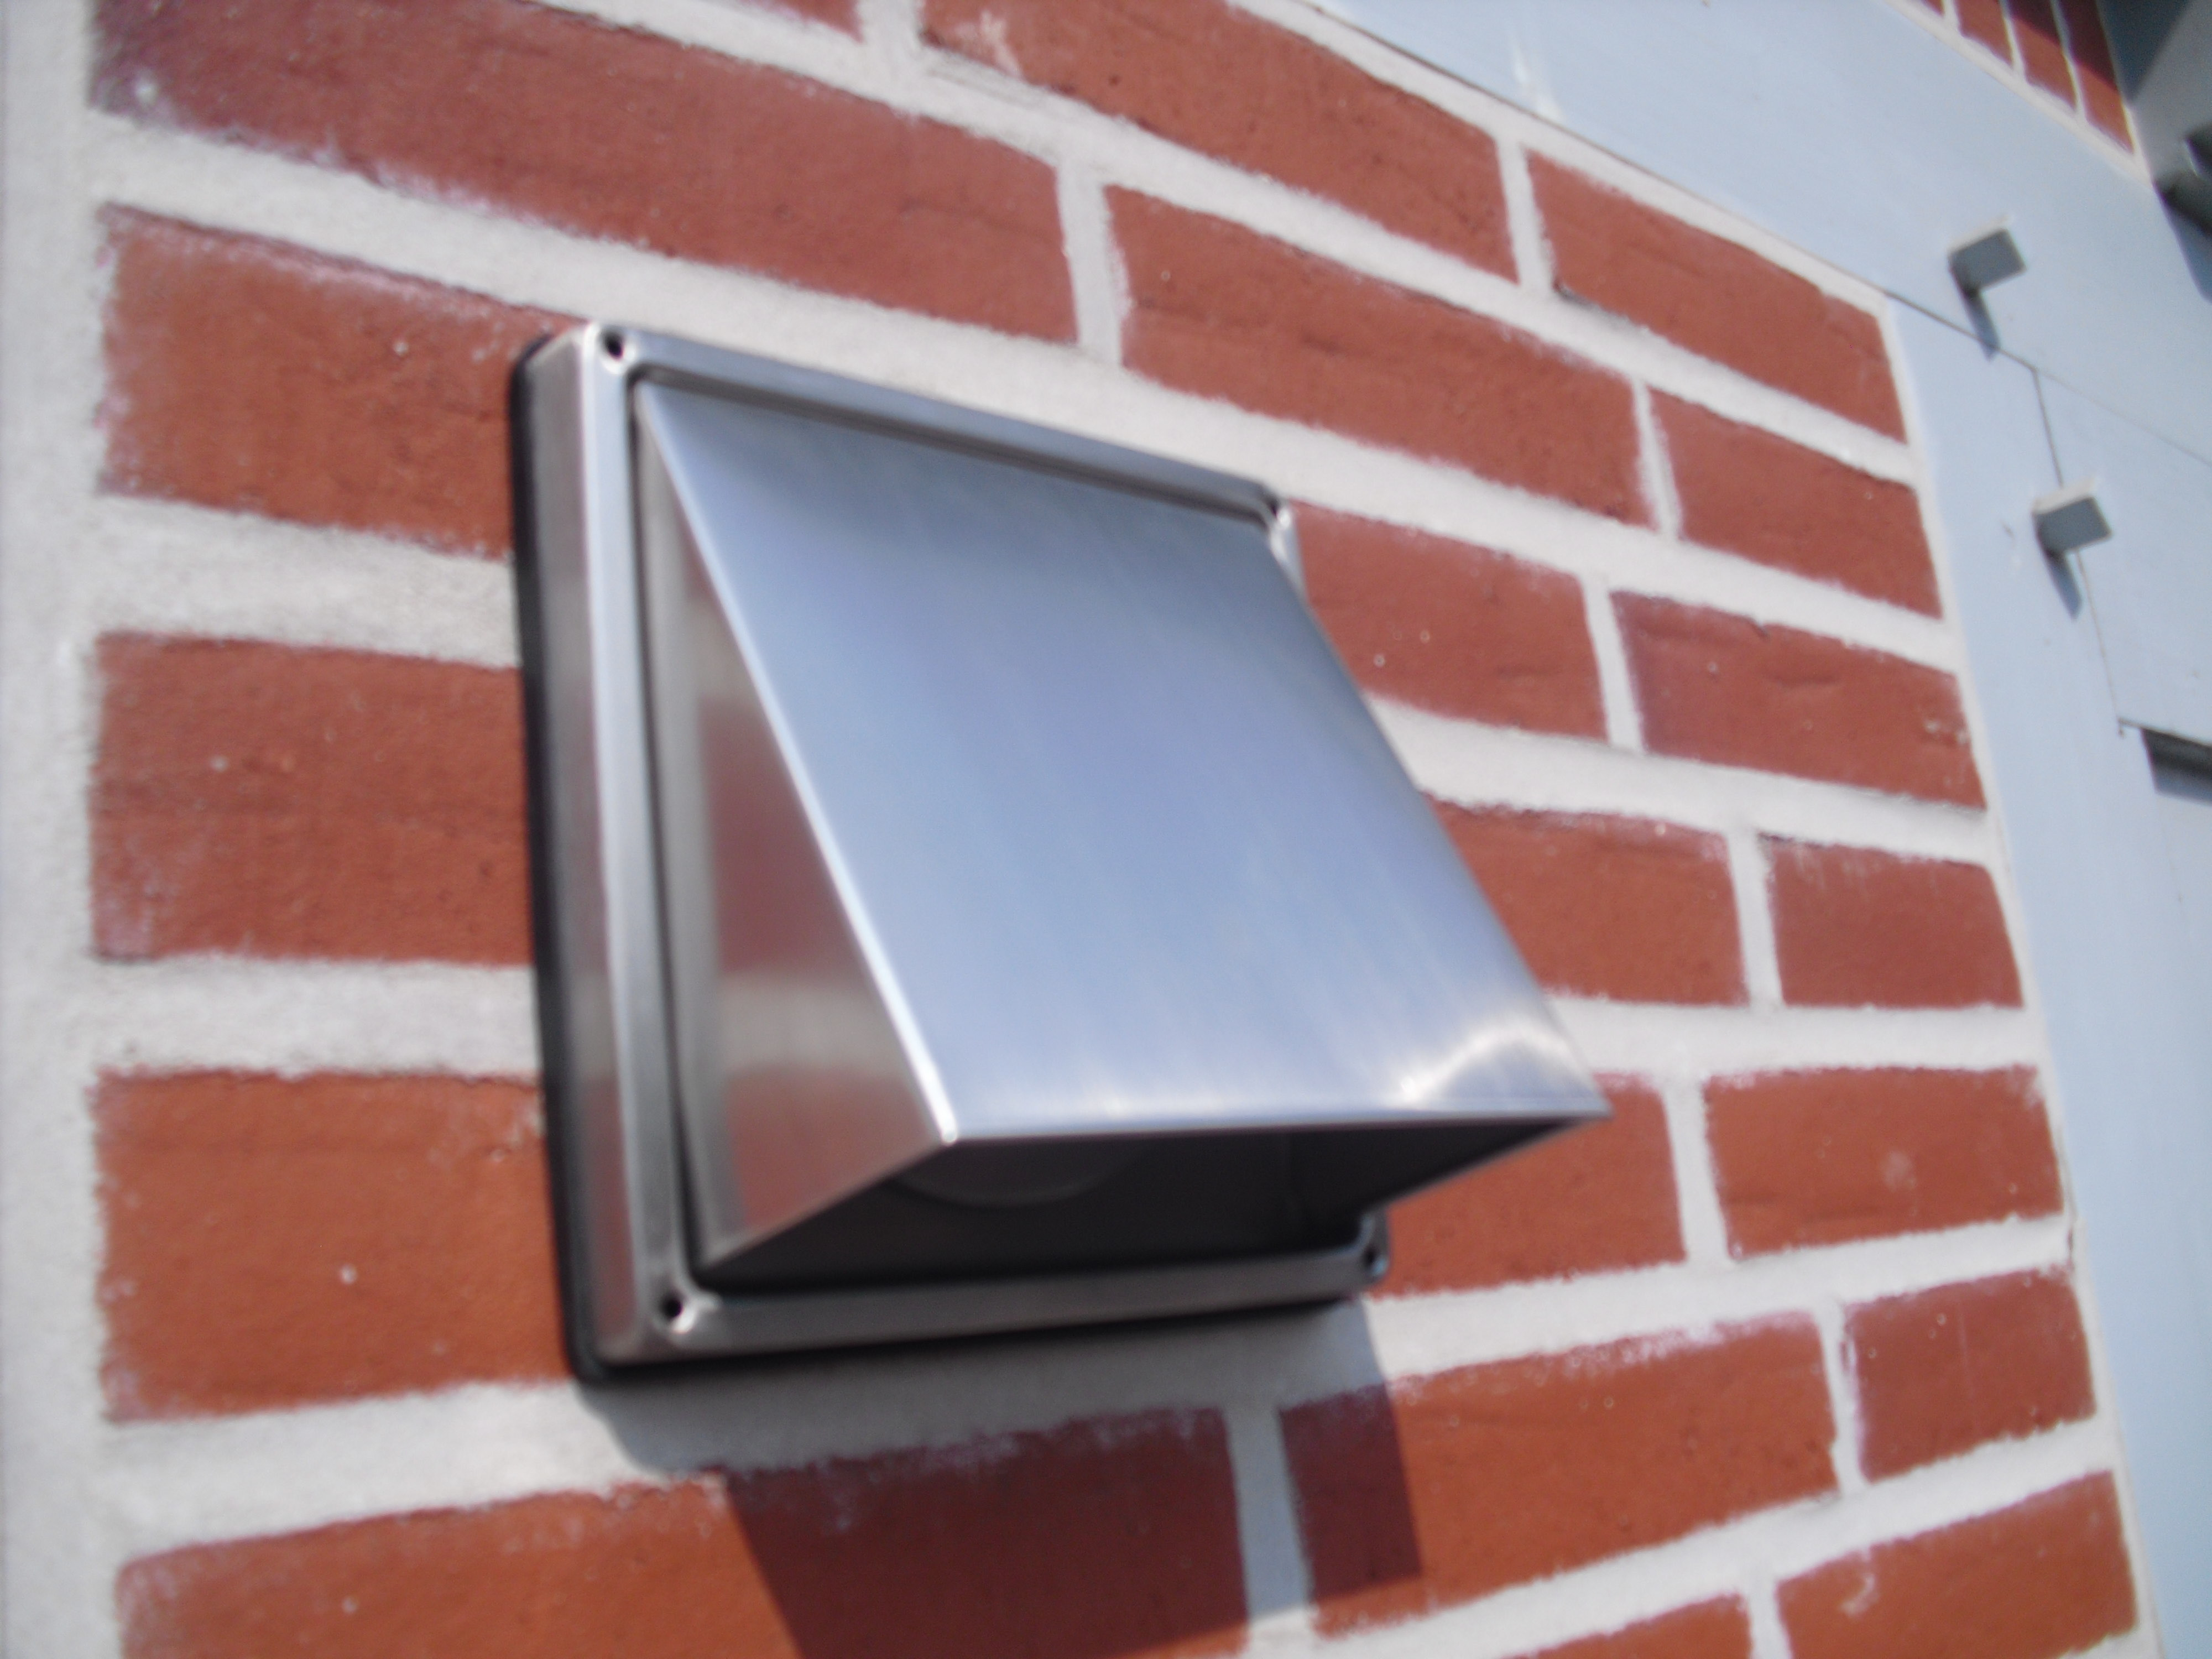 Mauerkasten mit blower door zertifikat für niedrig energie haus